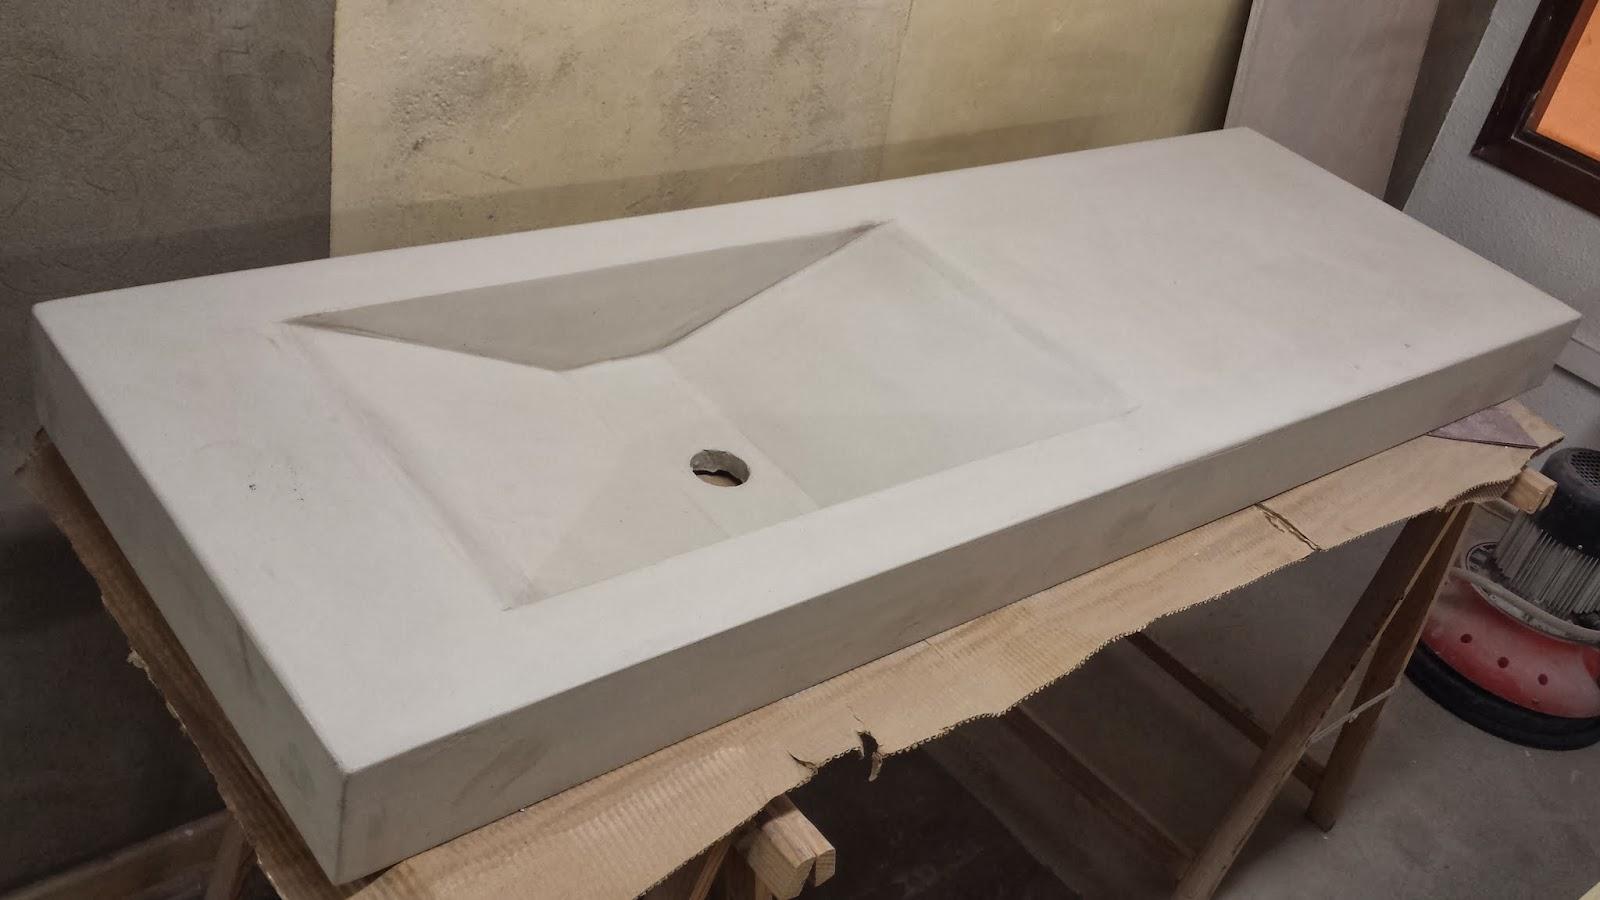 And n aplicaciones microcementosbarcelona es encimera de - Pared cemento pulido ...